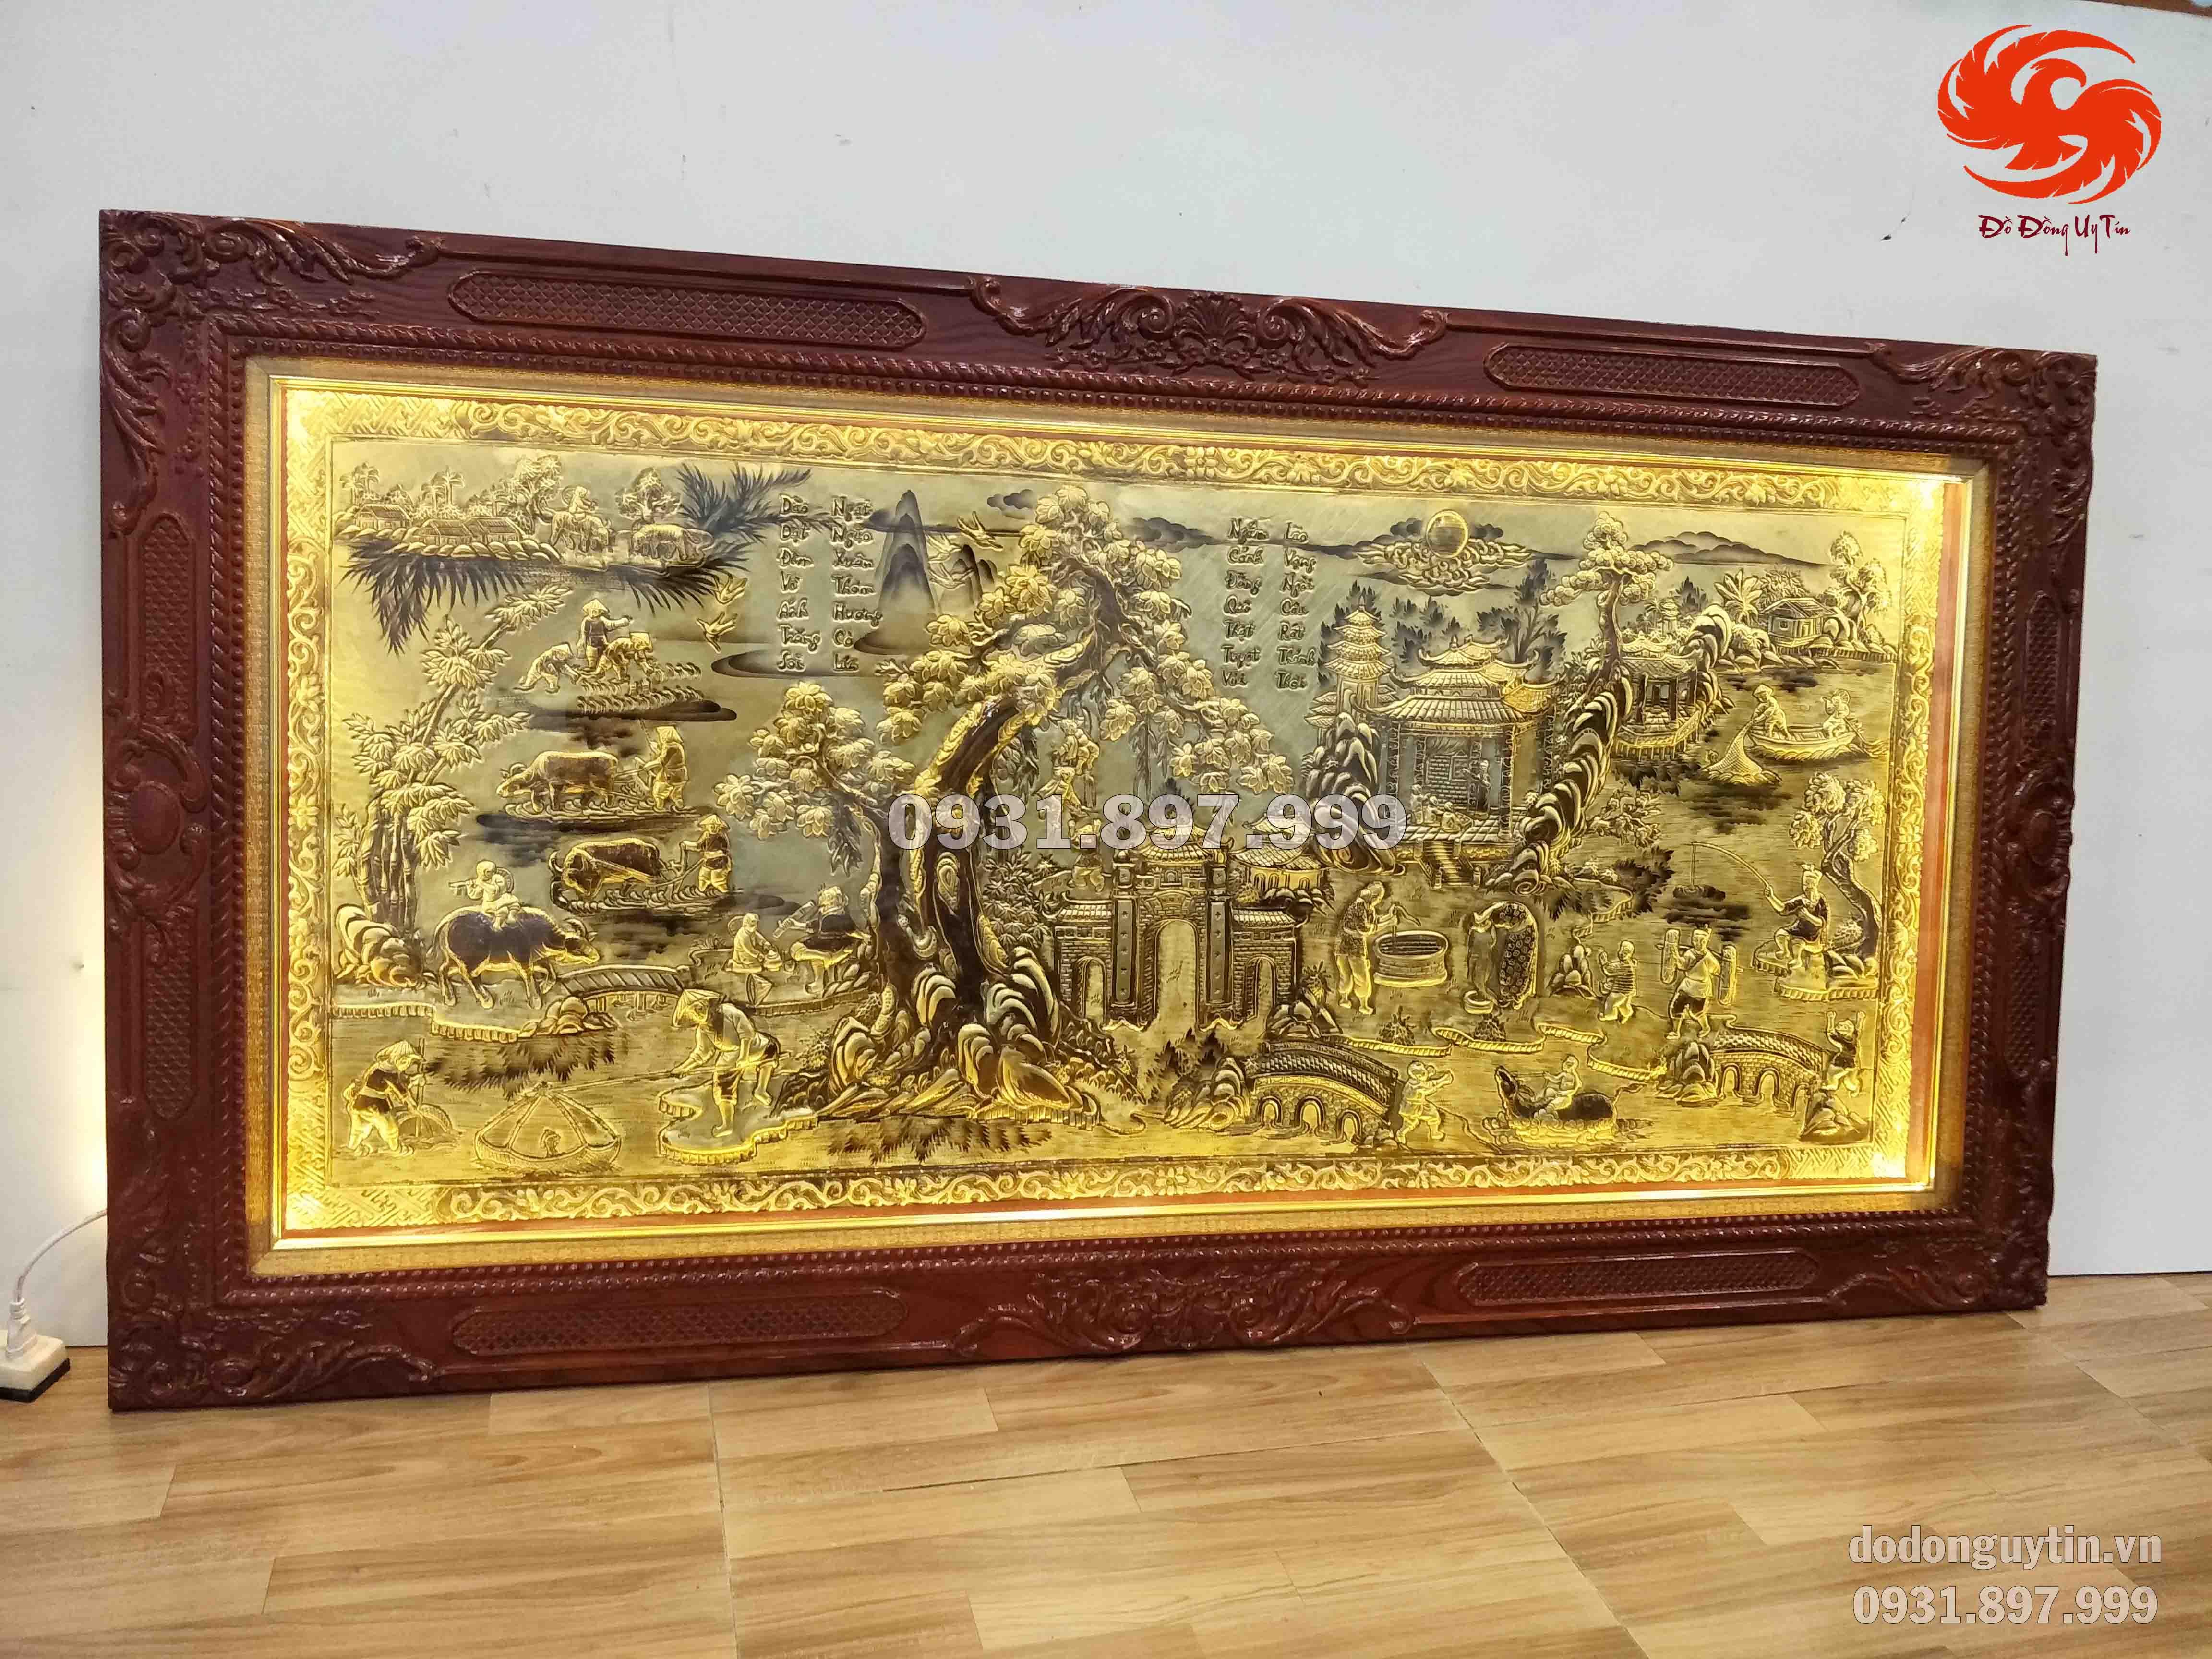 Bức tranh làng quê Việt Nam